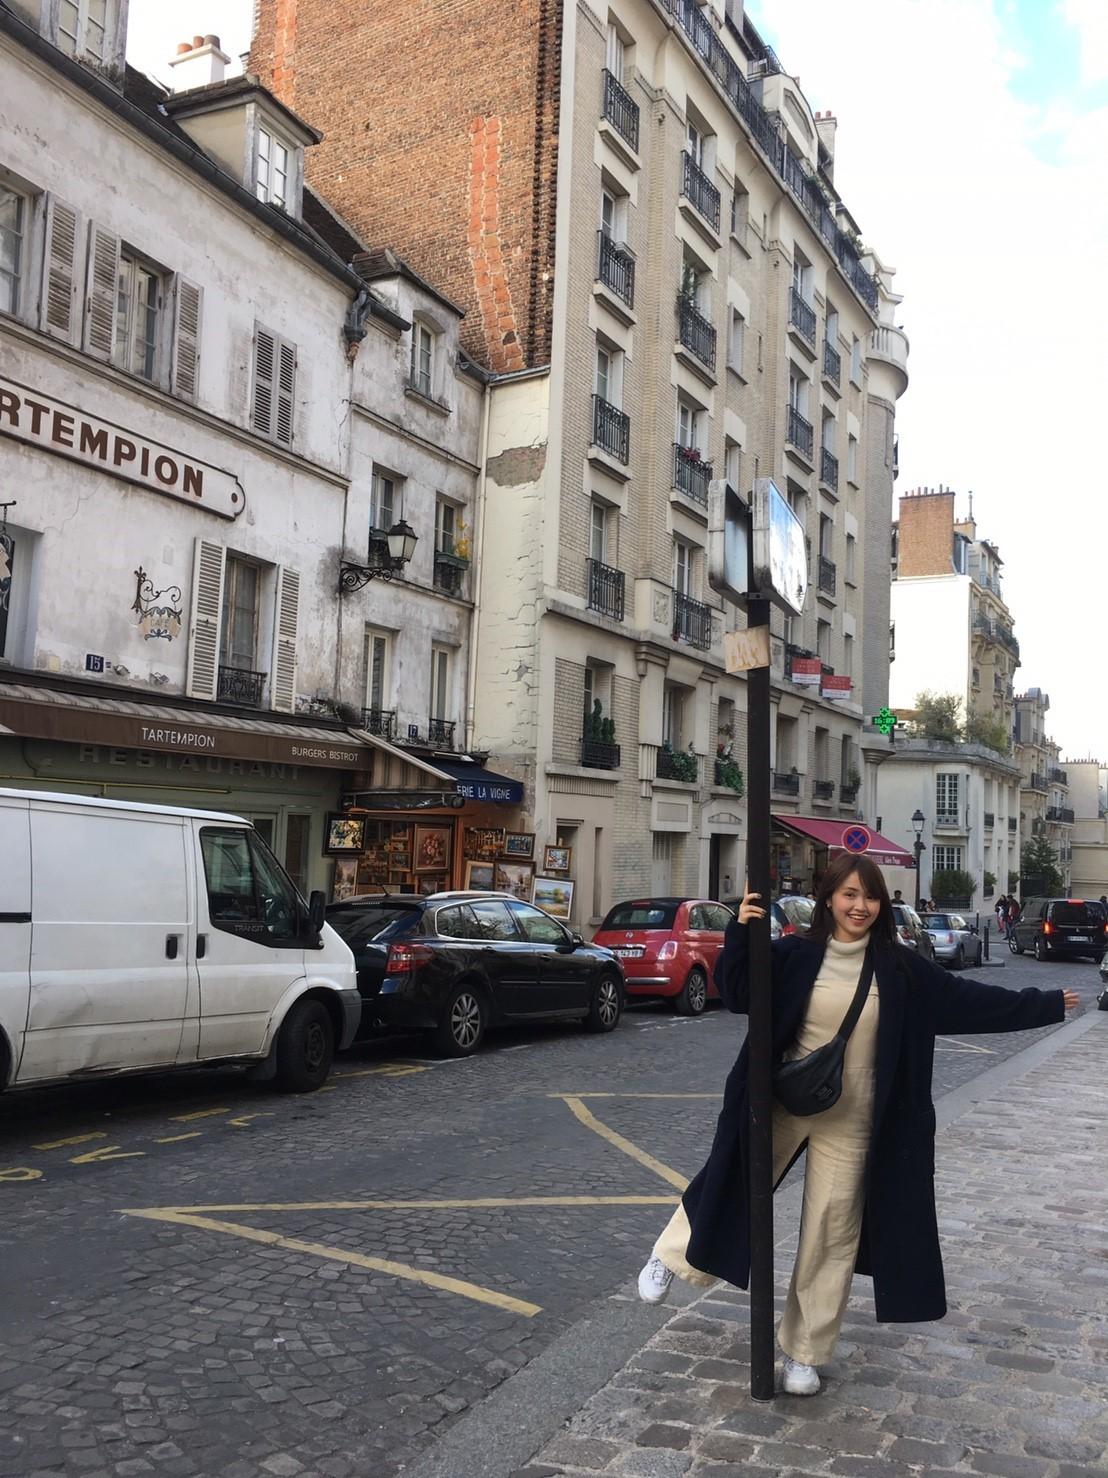 これからフランス旅行を考えている人に見て欲しいブログ①〜フランスこんな国でした〜_1_1-1